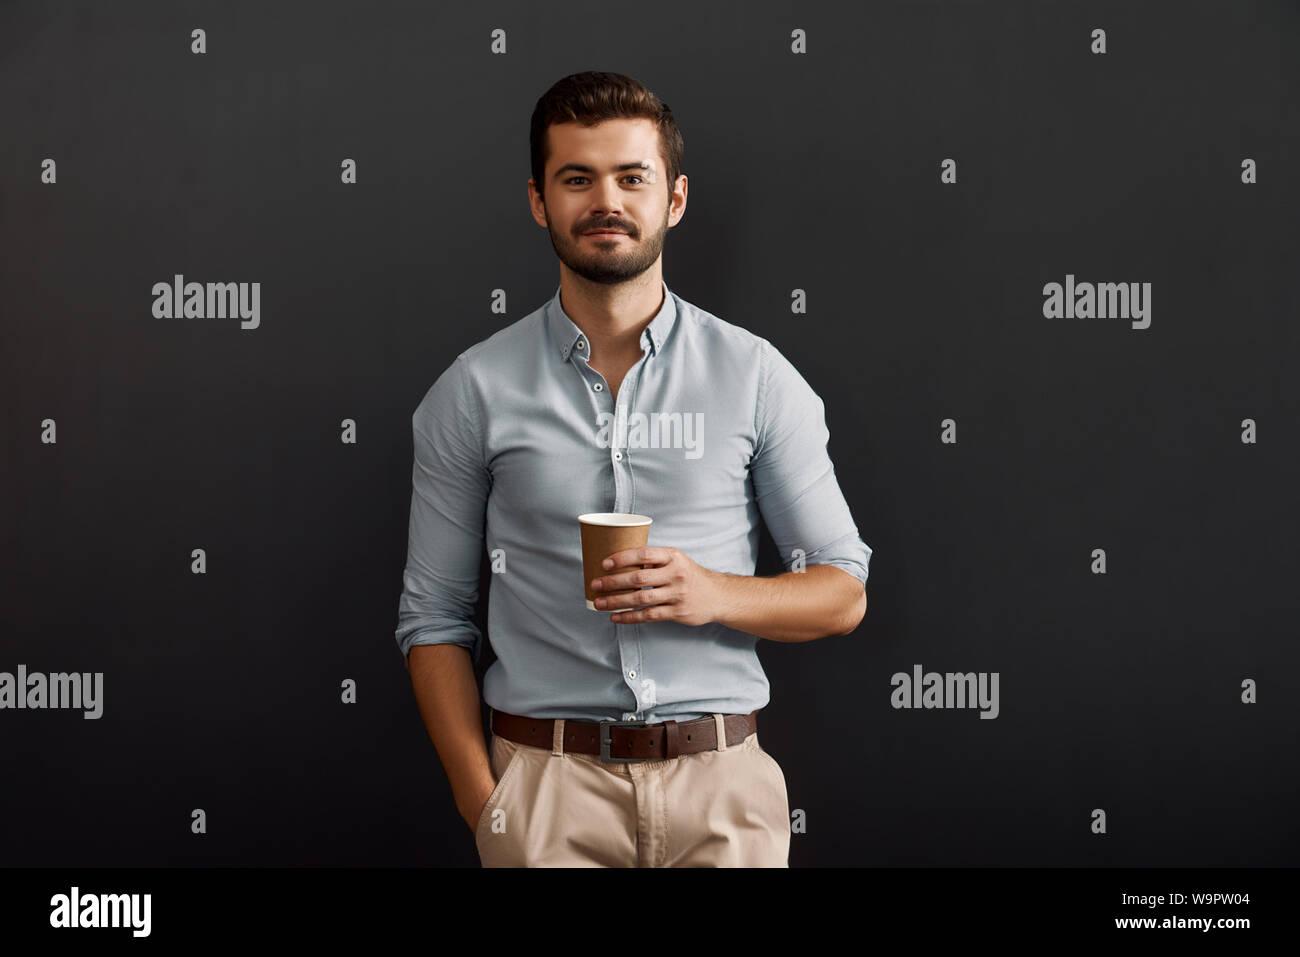 Sólo un minuto para relajarse. Joven barbudo alegre hombre sujetando una taza de café caliente y mirando a la cámara con una sonrisa mientras está de pie contra un fondo oscuro. Pausa para el café. Foto de Estudio Foto de stock